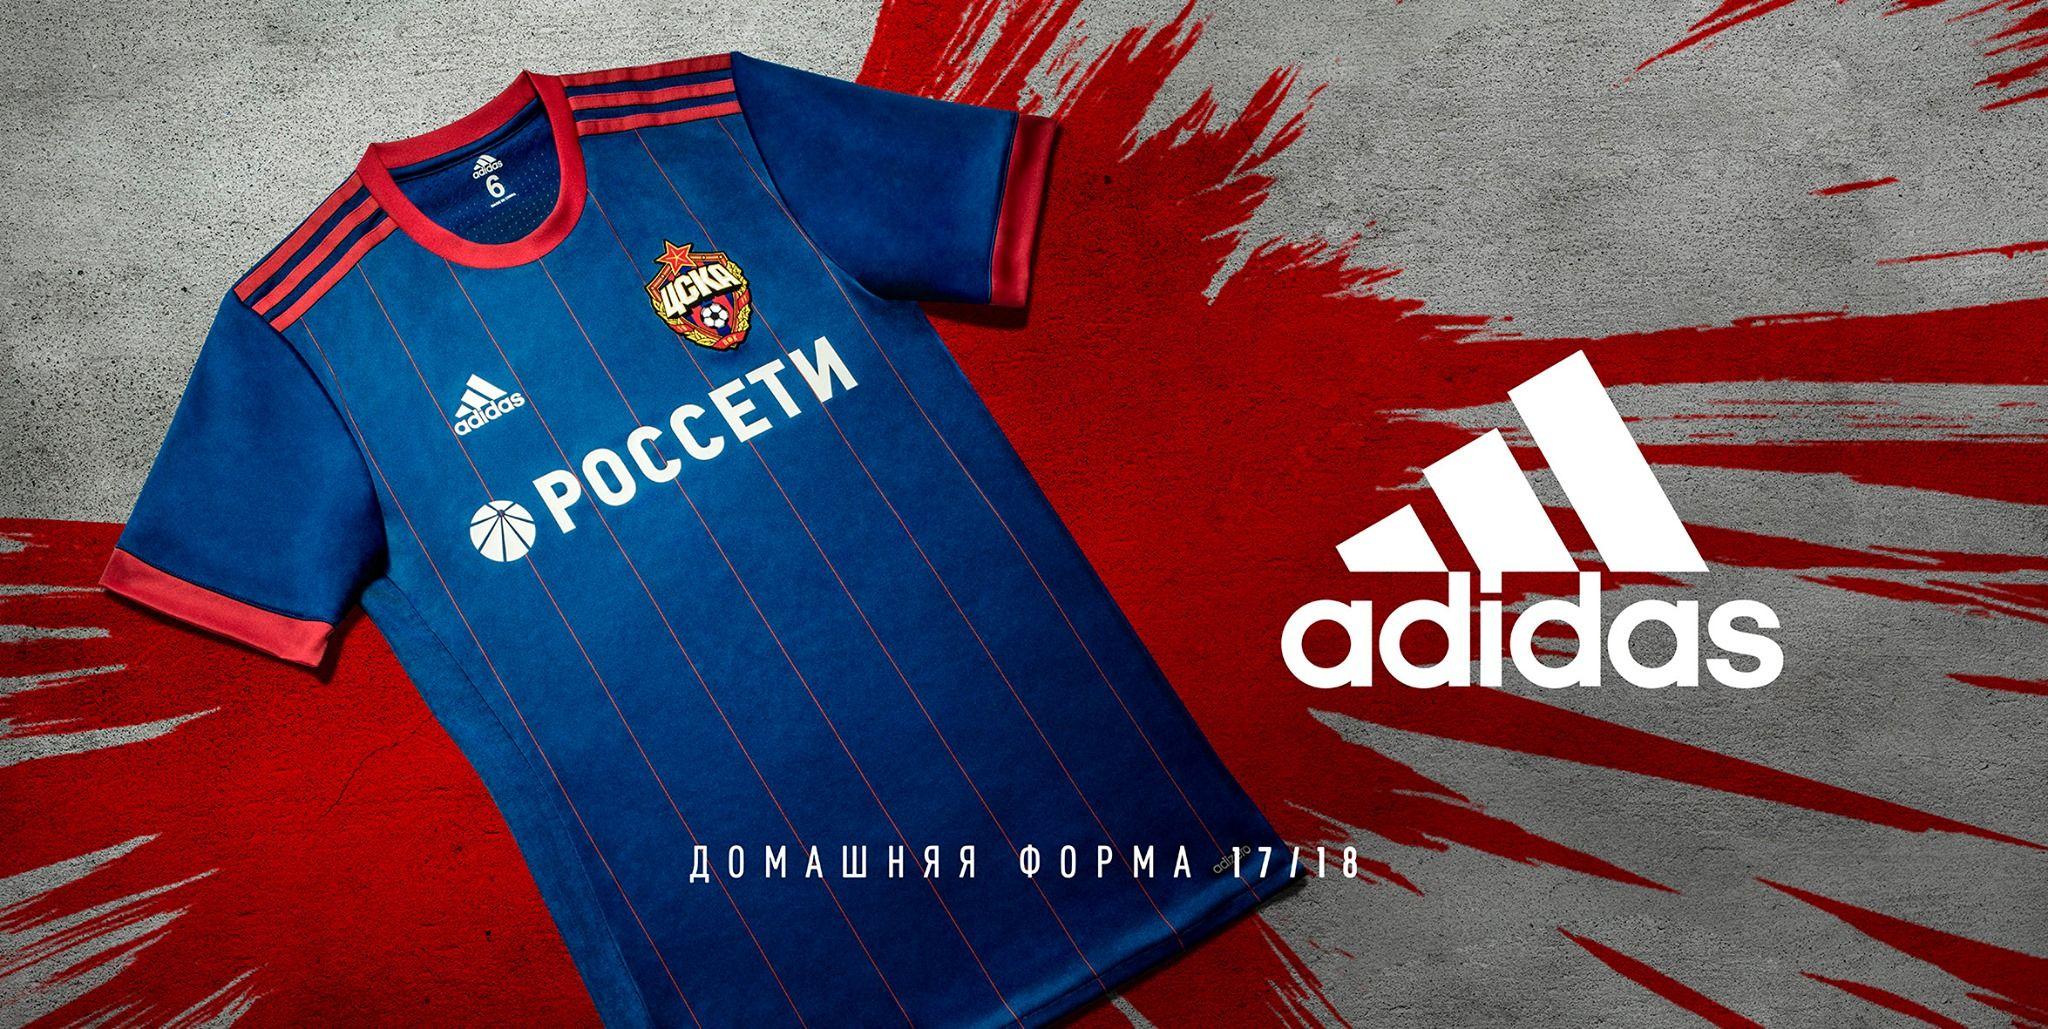 b9c46d15a CSKA Moscow 2017-18 Adidas Home Kit